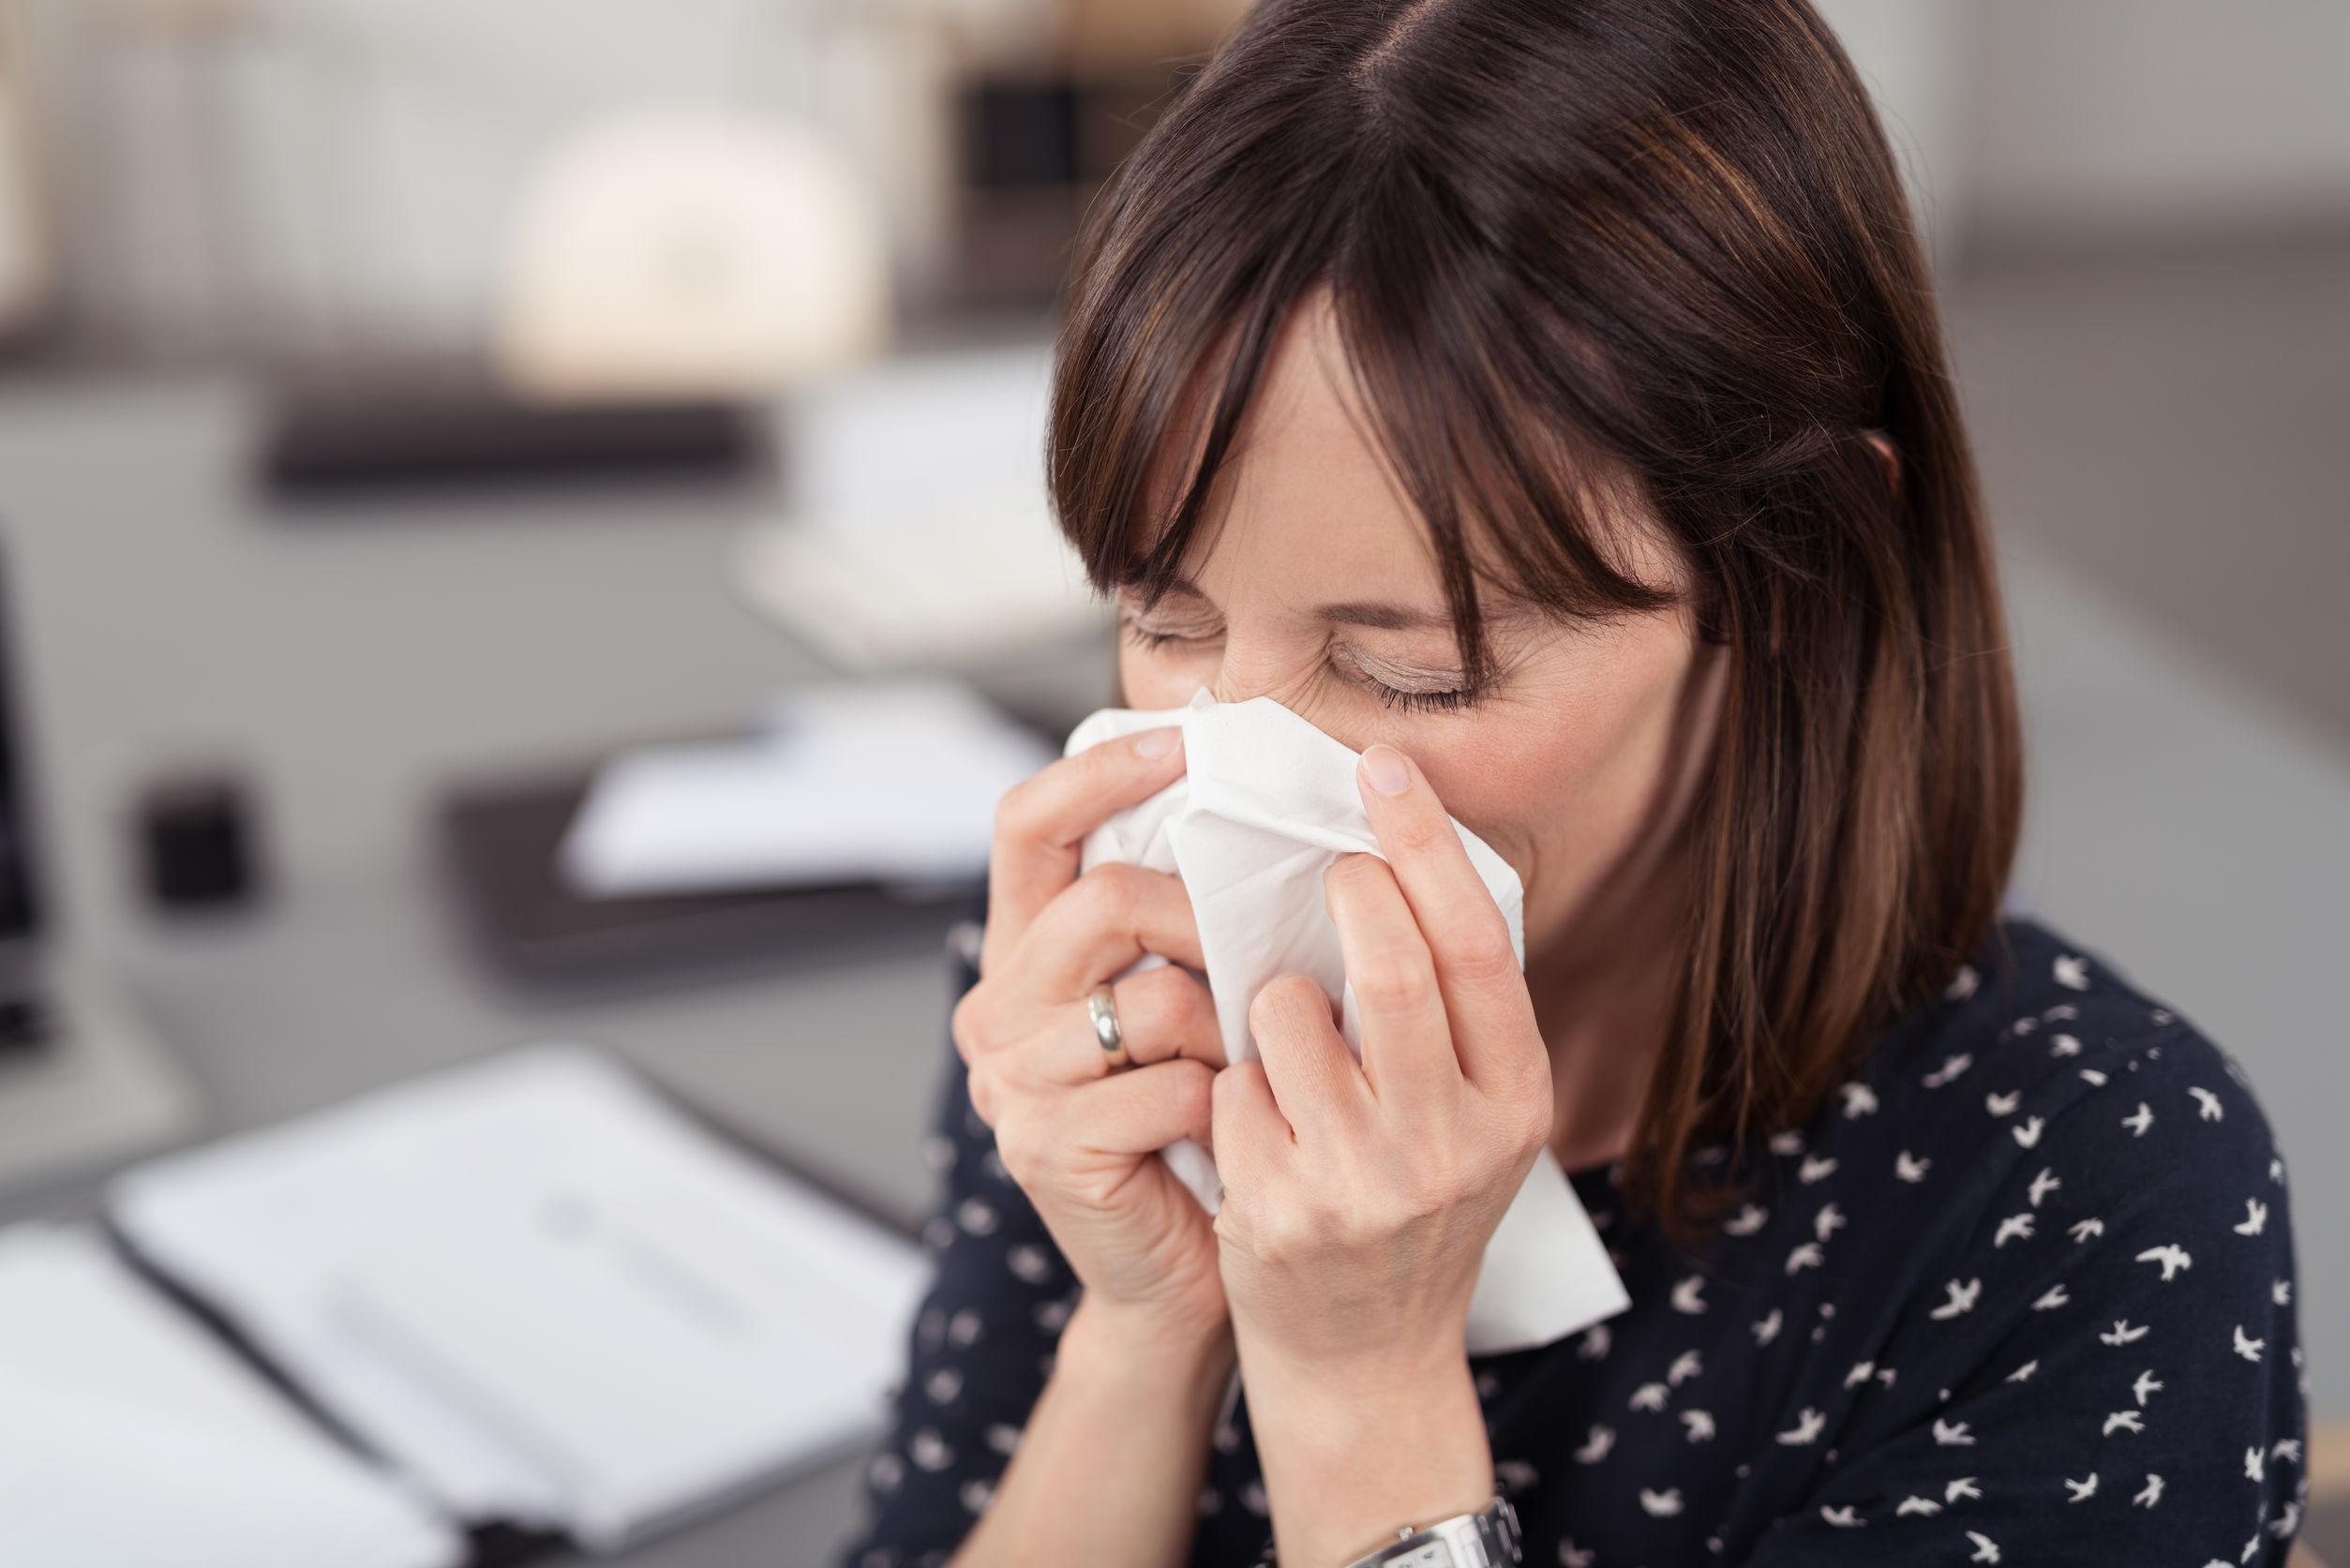 Egy nő az irodában ül betegen, és fújja az orrát.